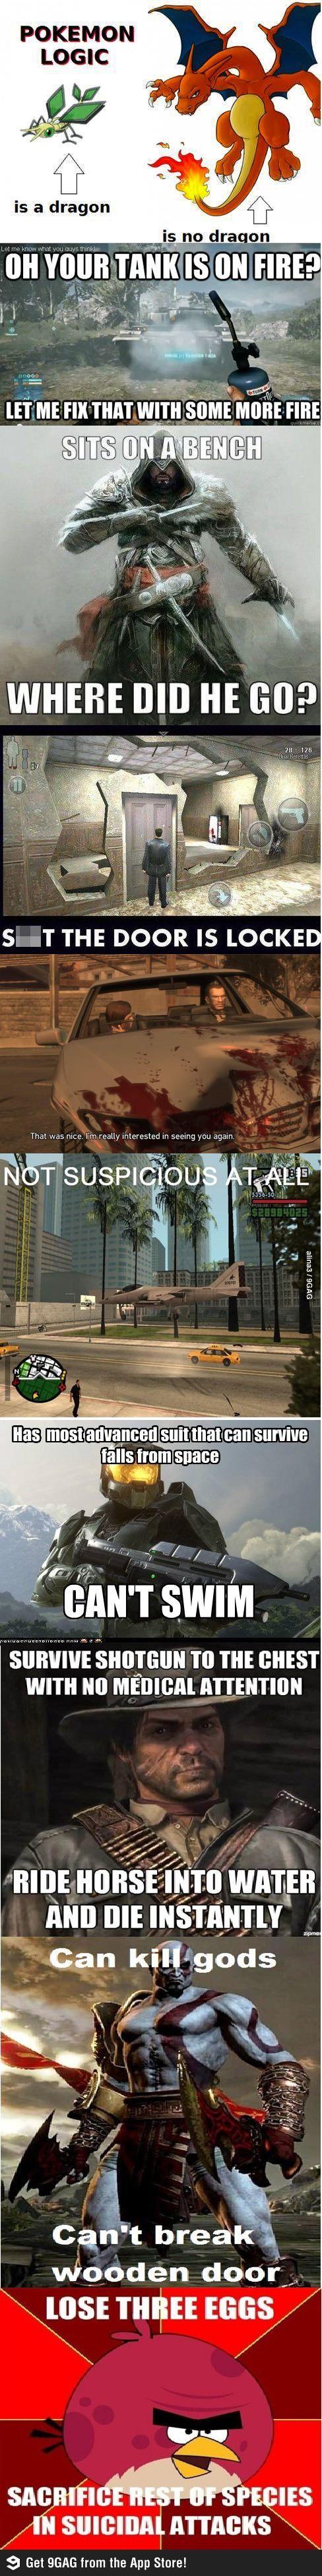 game logic video game